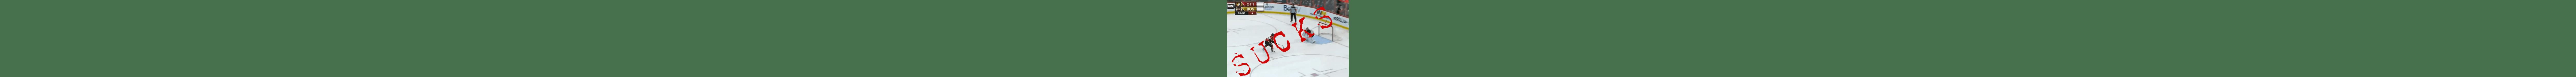 hockey-shootouts-suck